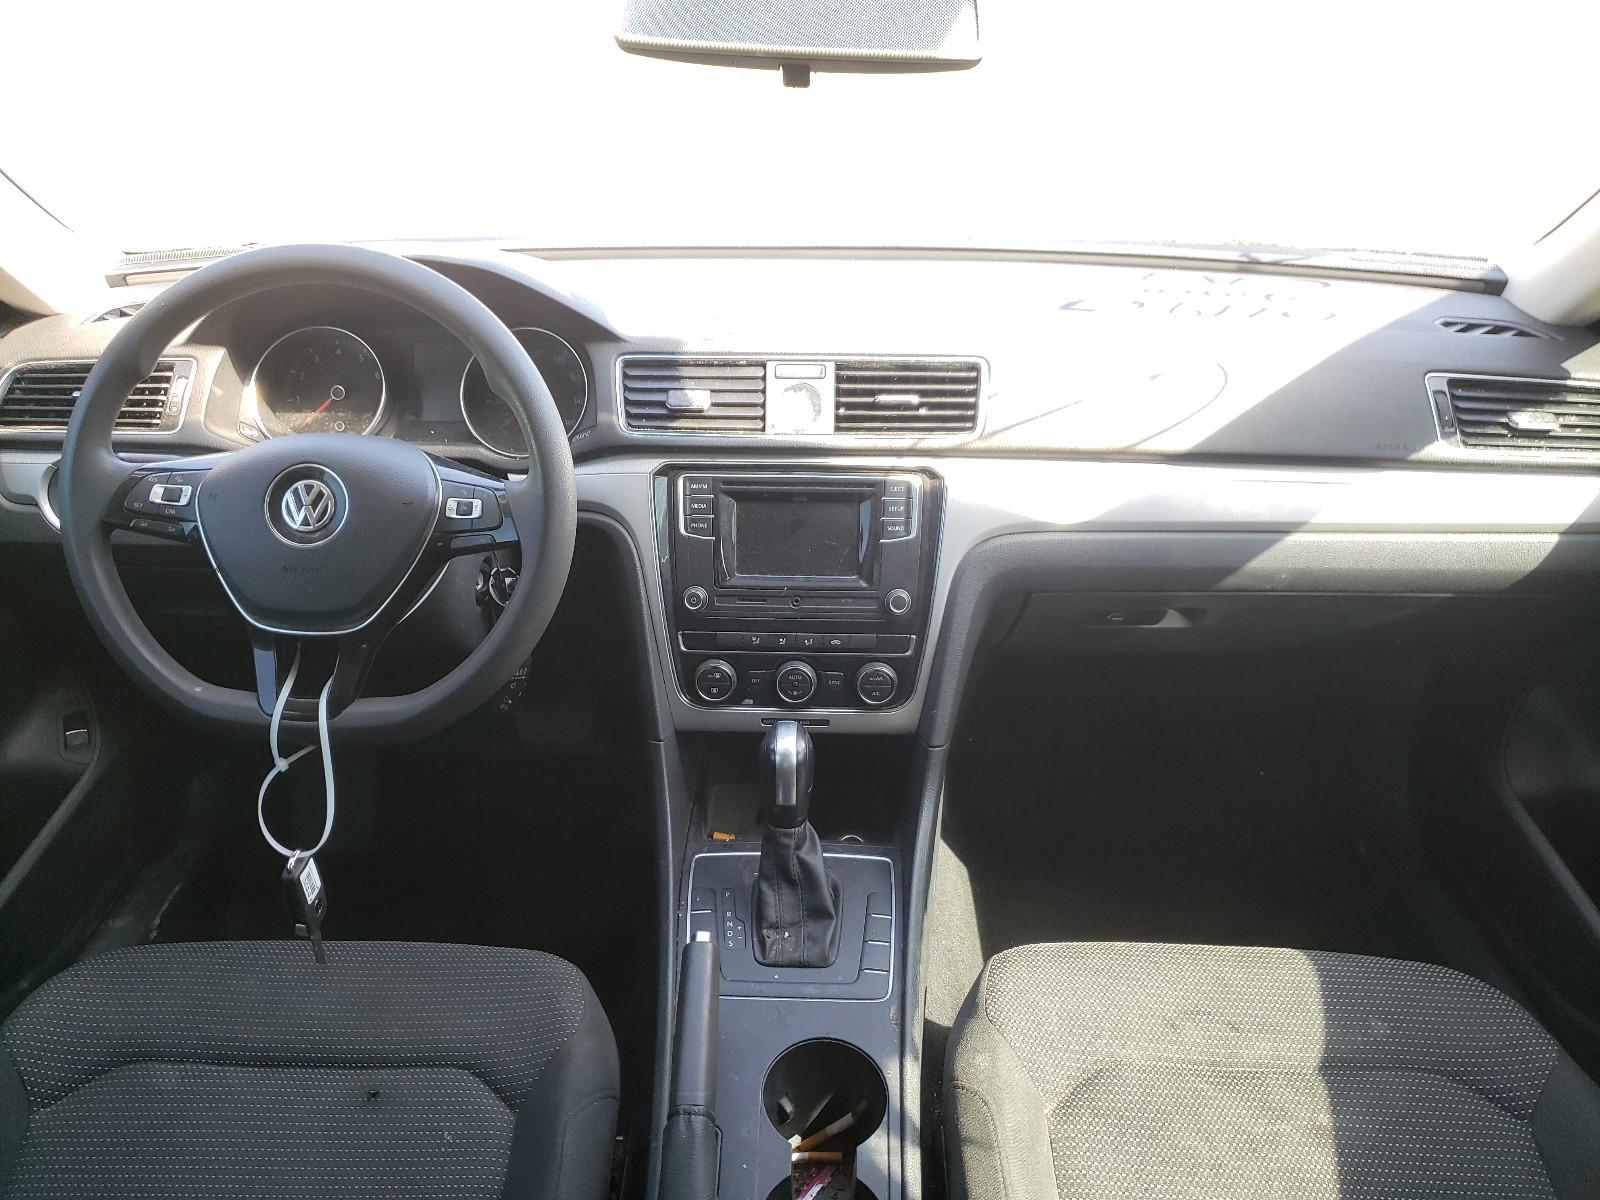 2016 Volkswagen Passat S